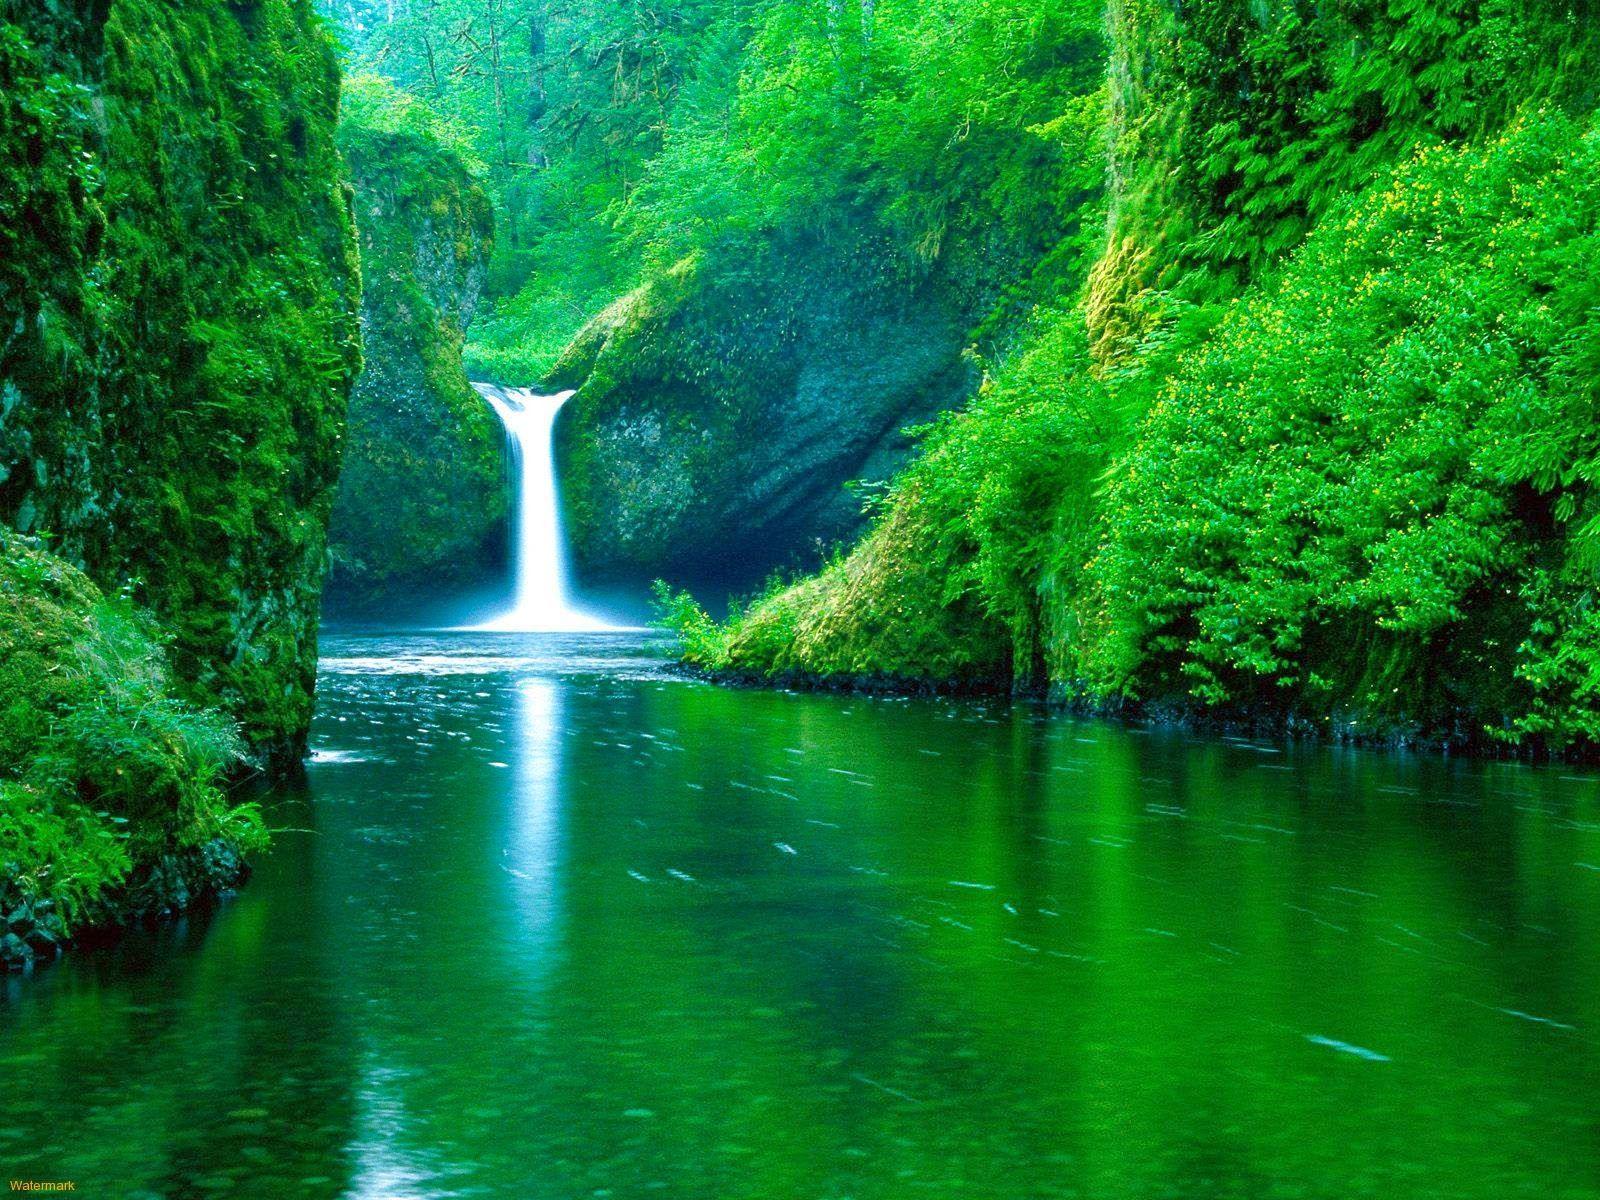 Kumpulan Gambar Air Terjun Tercantik Di Dunia Wallpaper Background Images Nature Pictures Nature Wallpaper